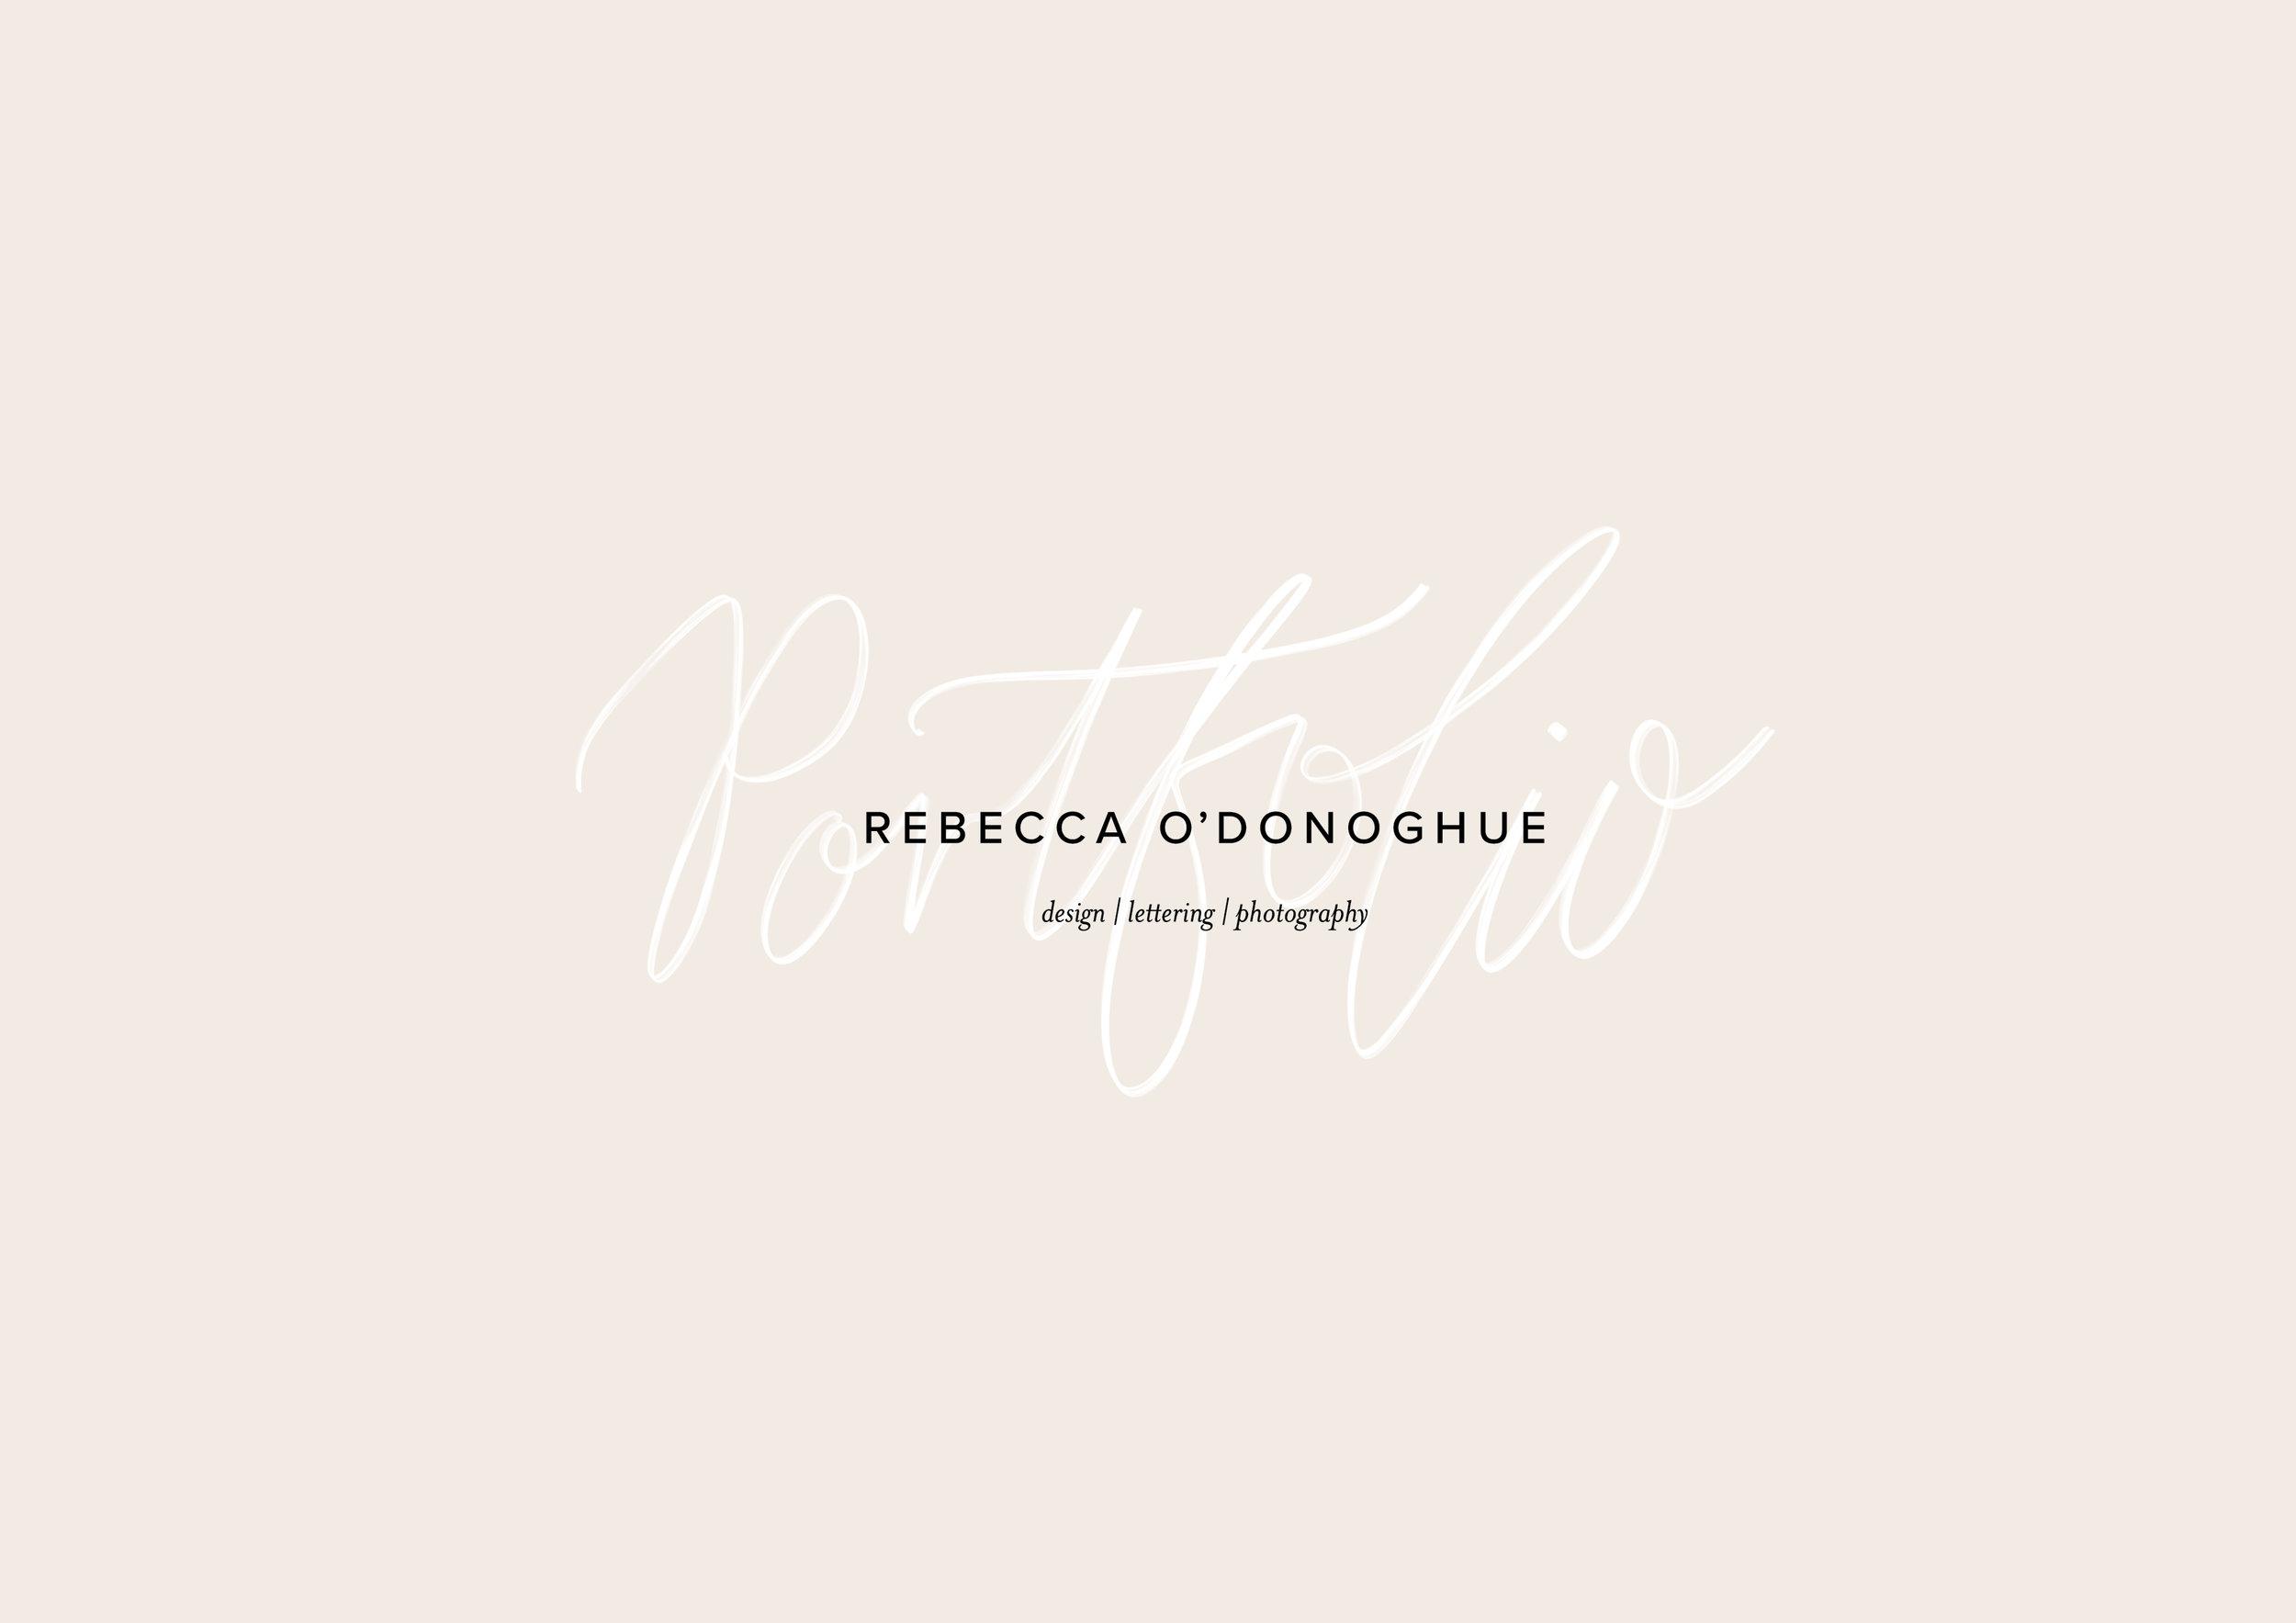 Rebecca O'Donoghue Portfolio